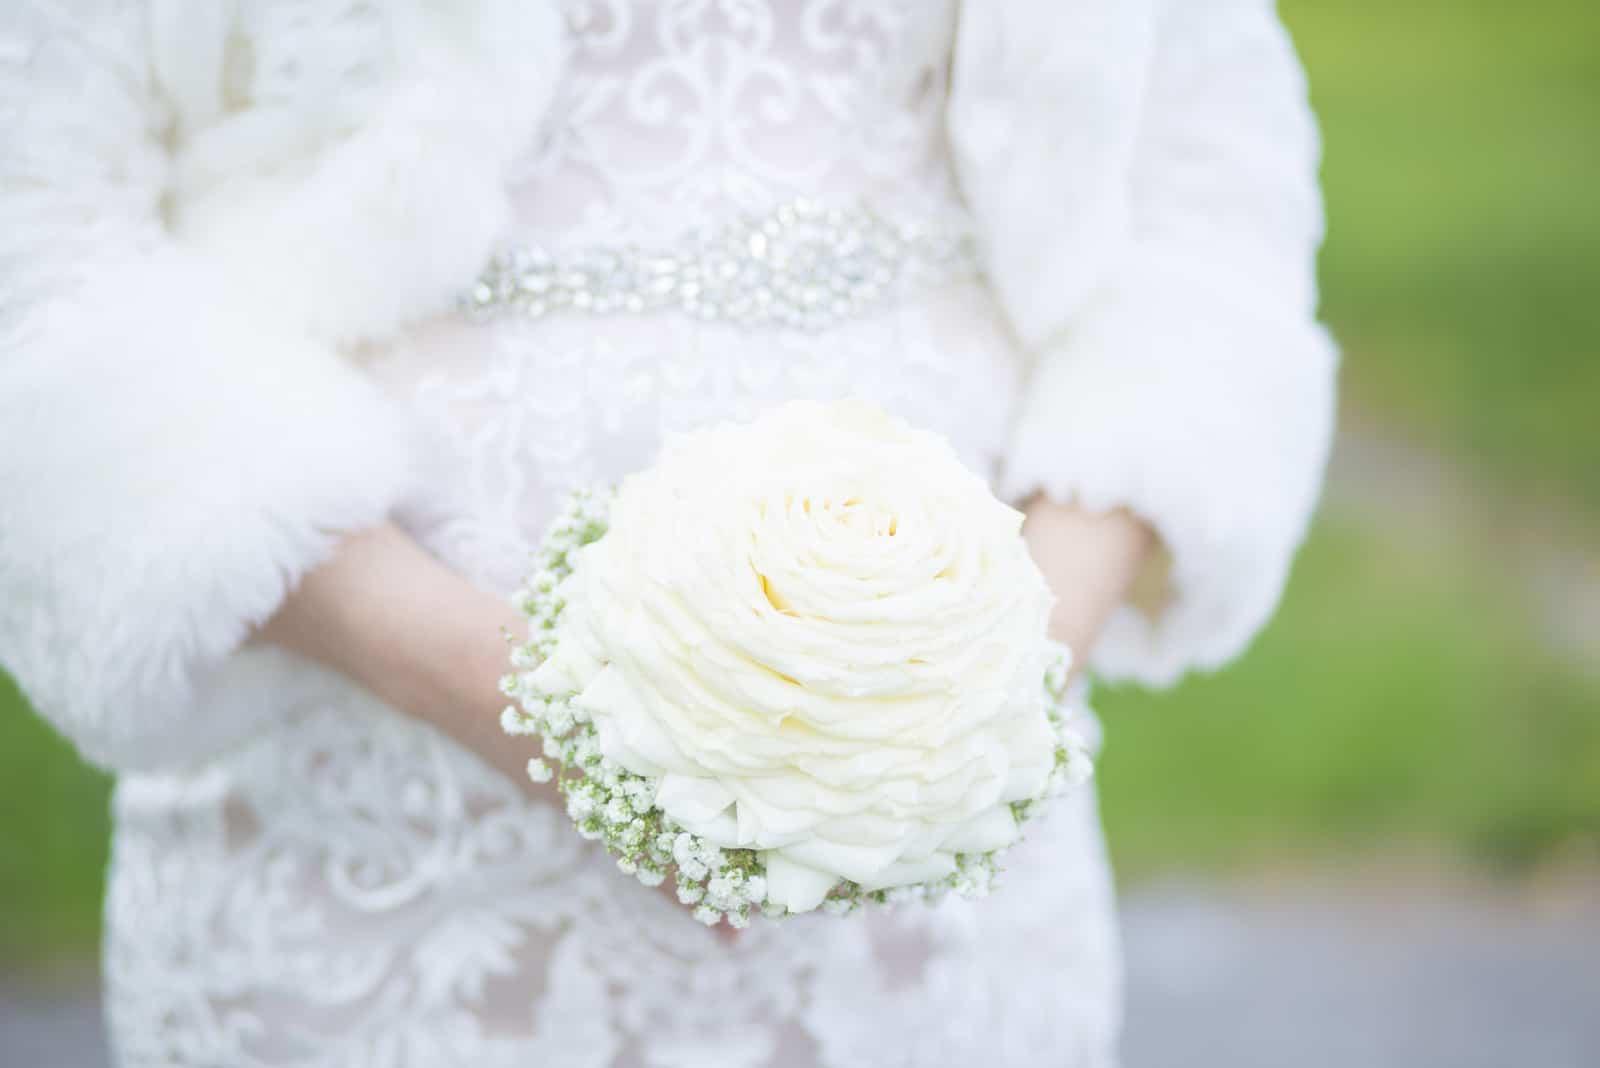 Die Braut hält einen Biedermeier-Strauß in den Händen